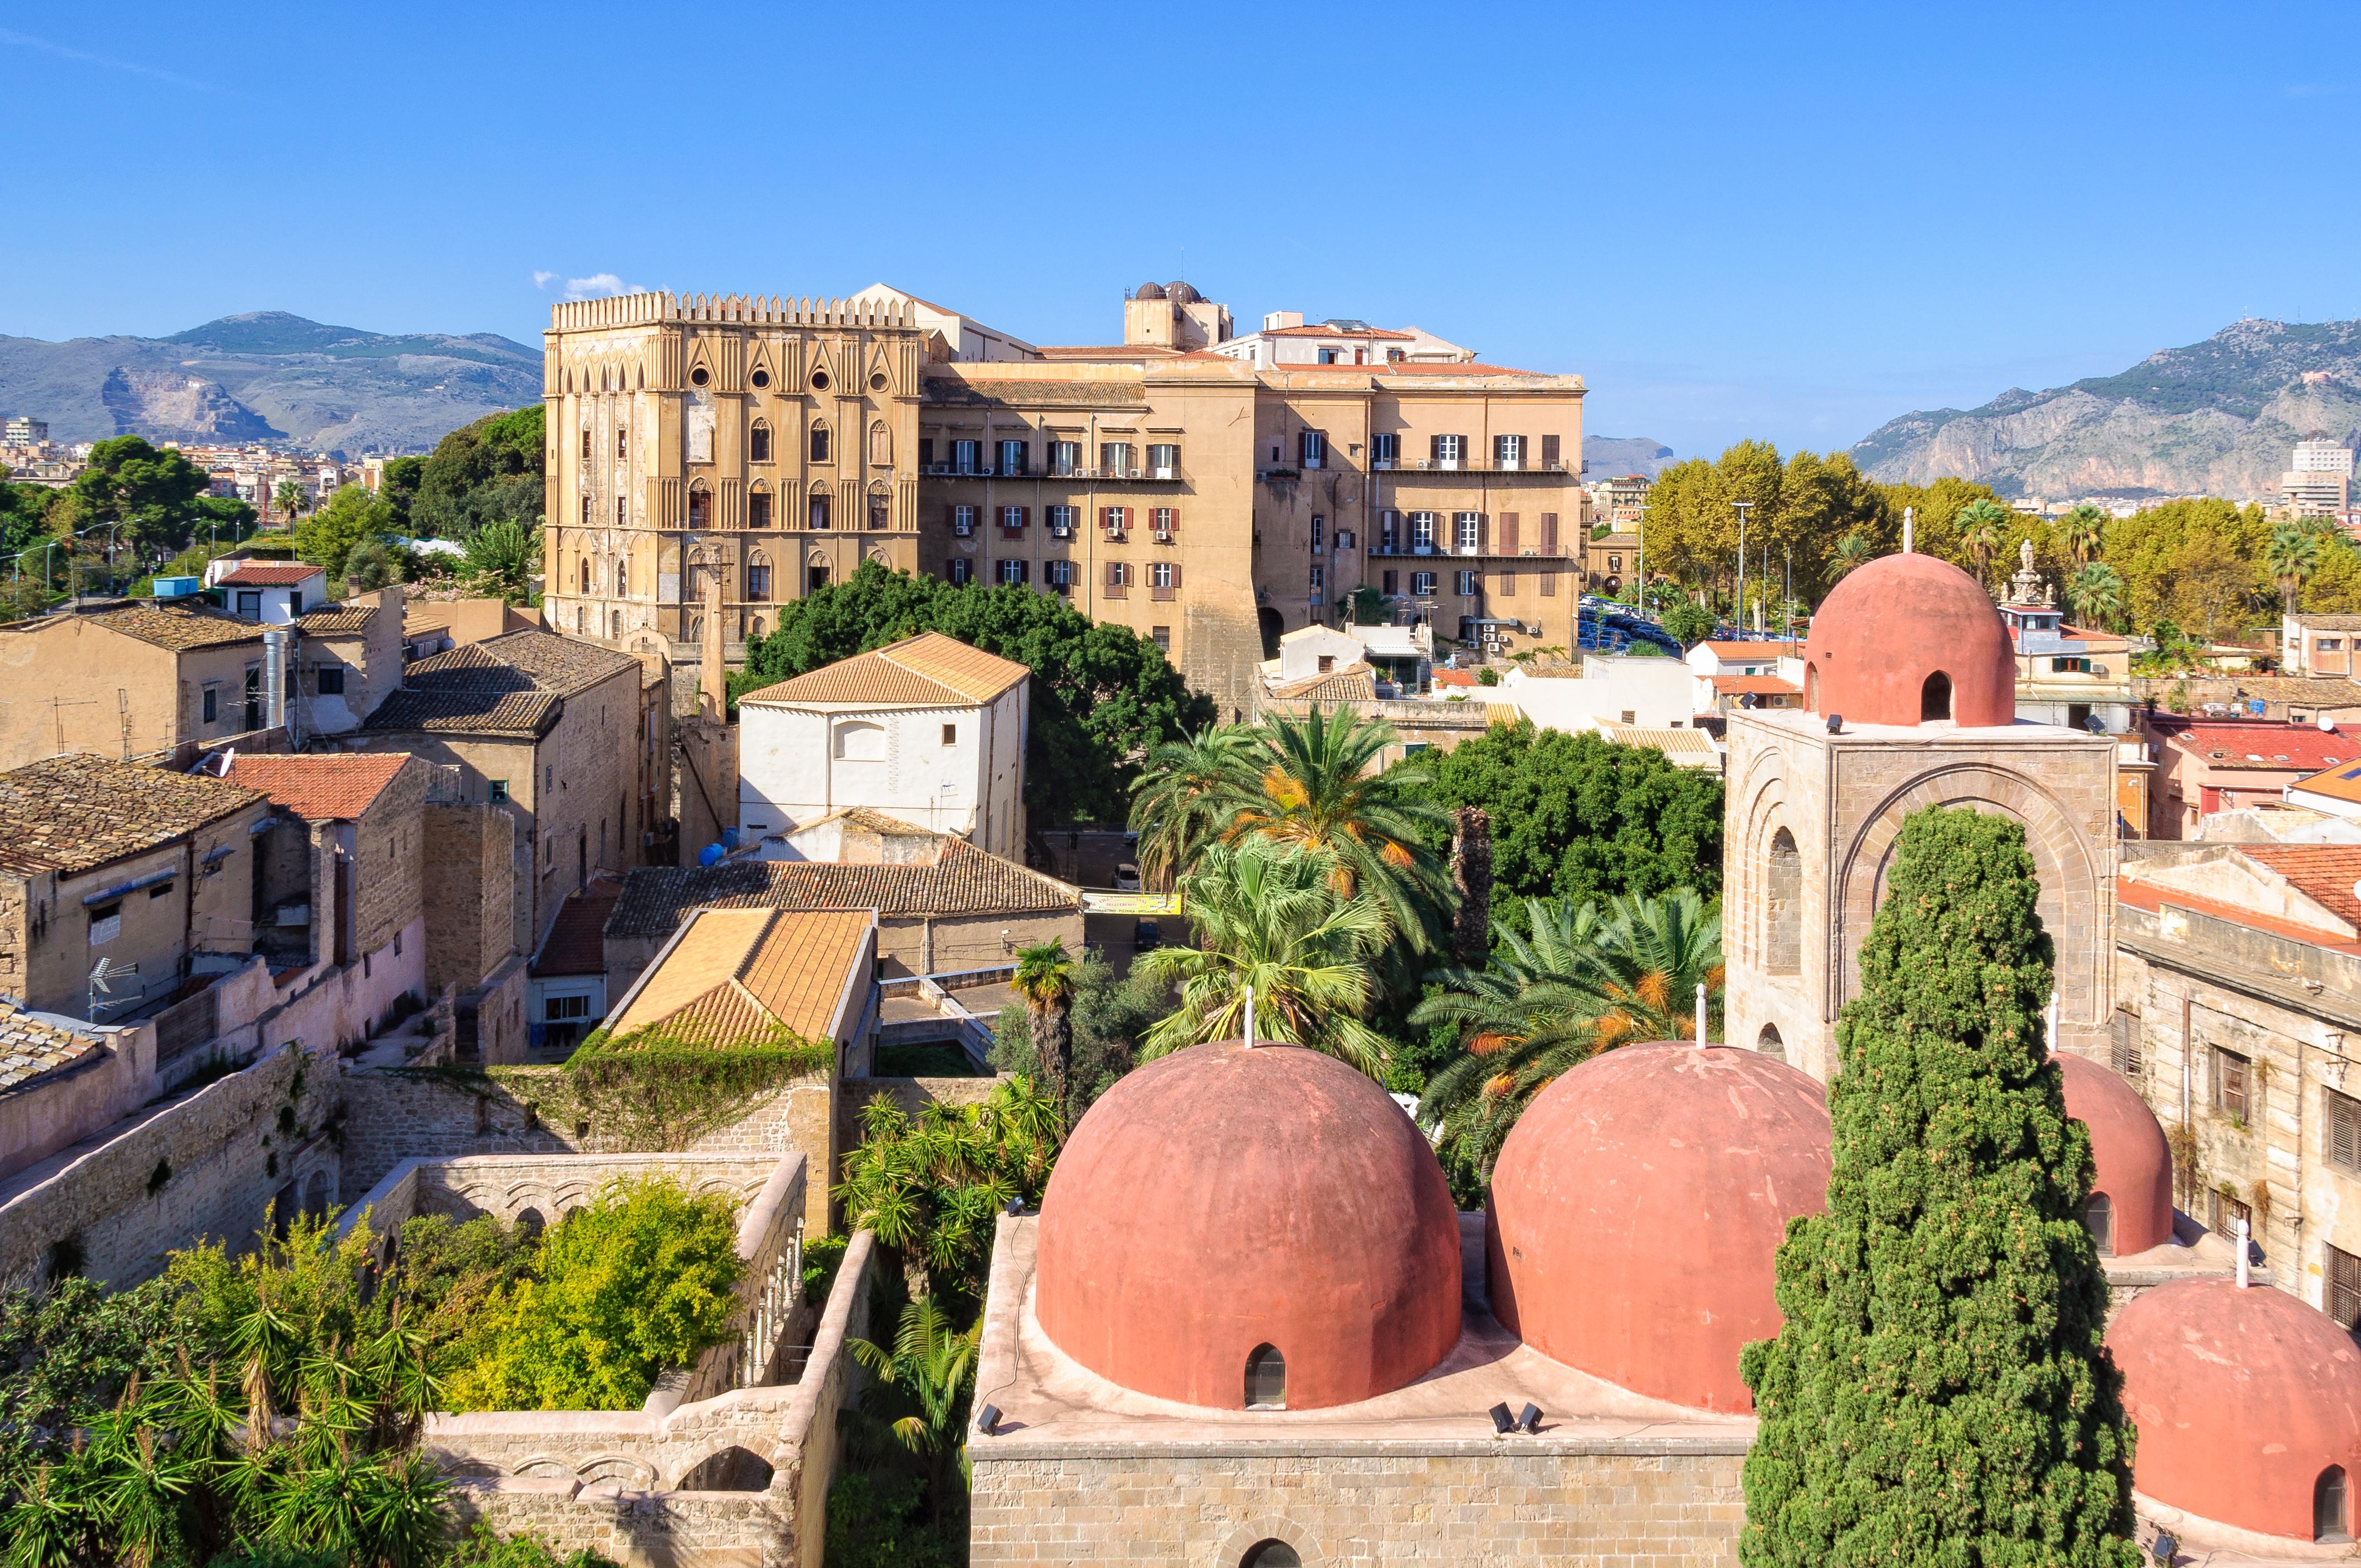 Maravíllate ante el legado normando de la capital siciliana - Italia Circuito Sicilia Clásica y Nápoles